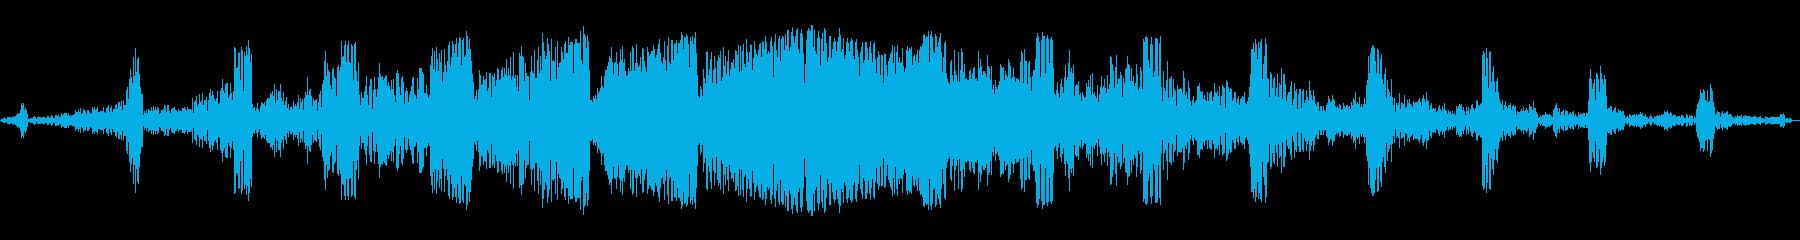 グワングワン(謎の飛行生物)の再生済みの波形